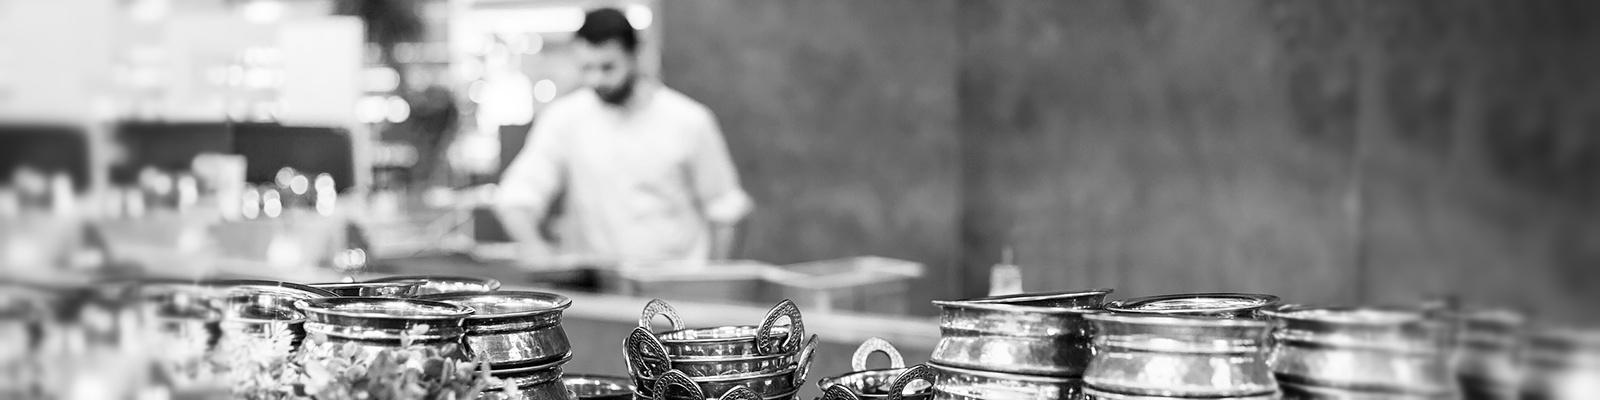 インド カレー 調理 イメージ